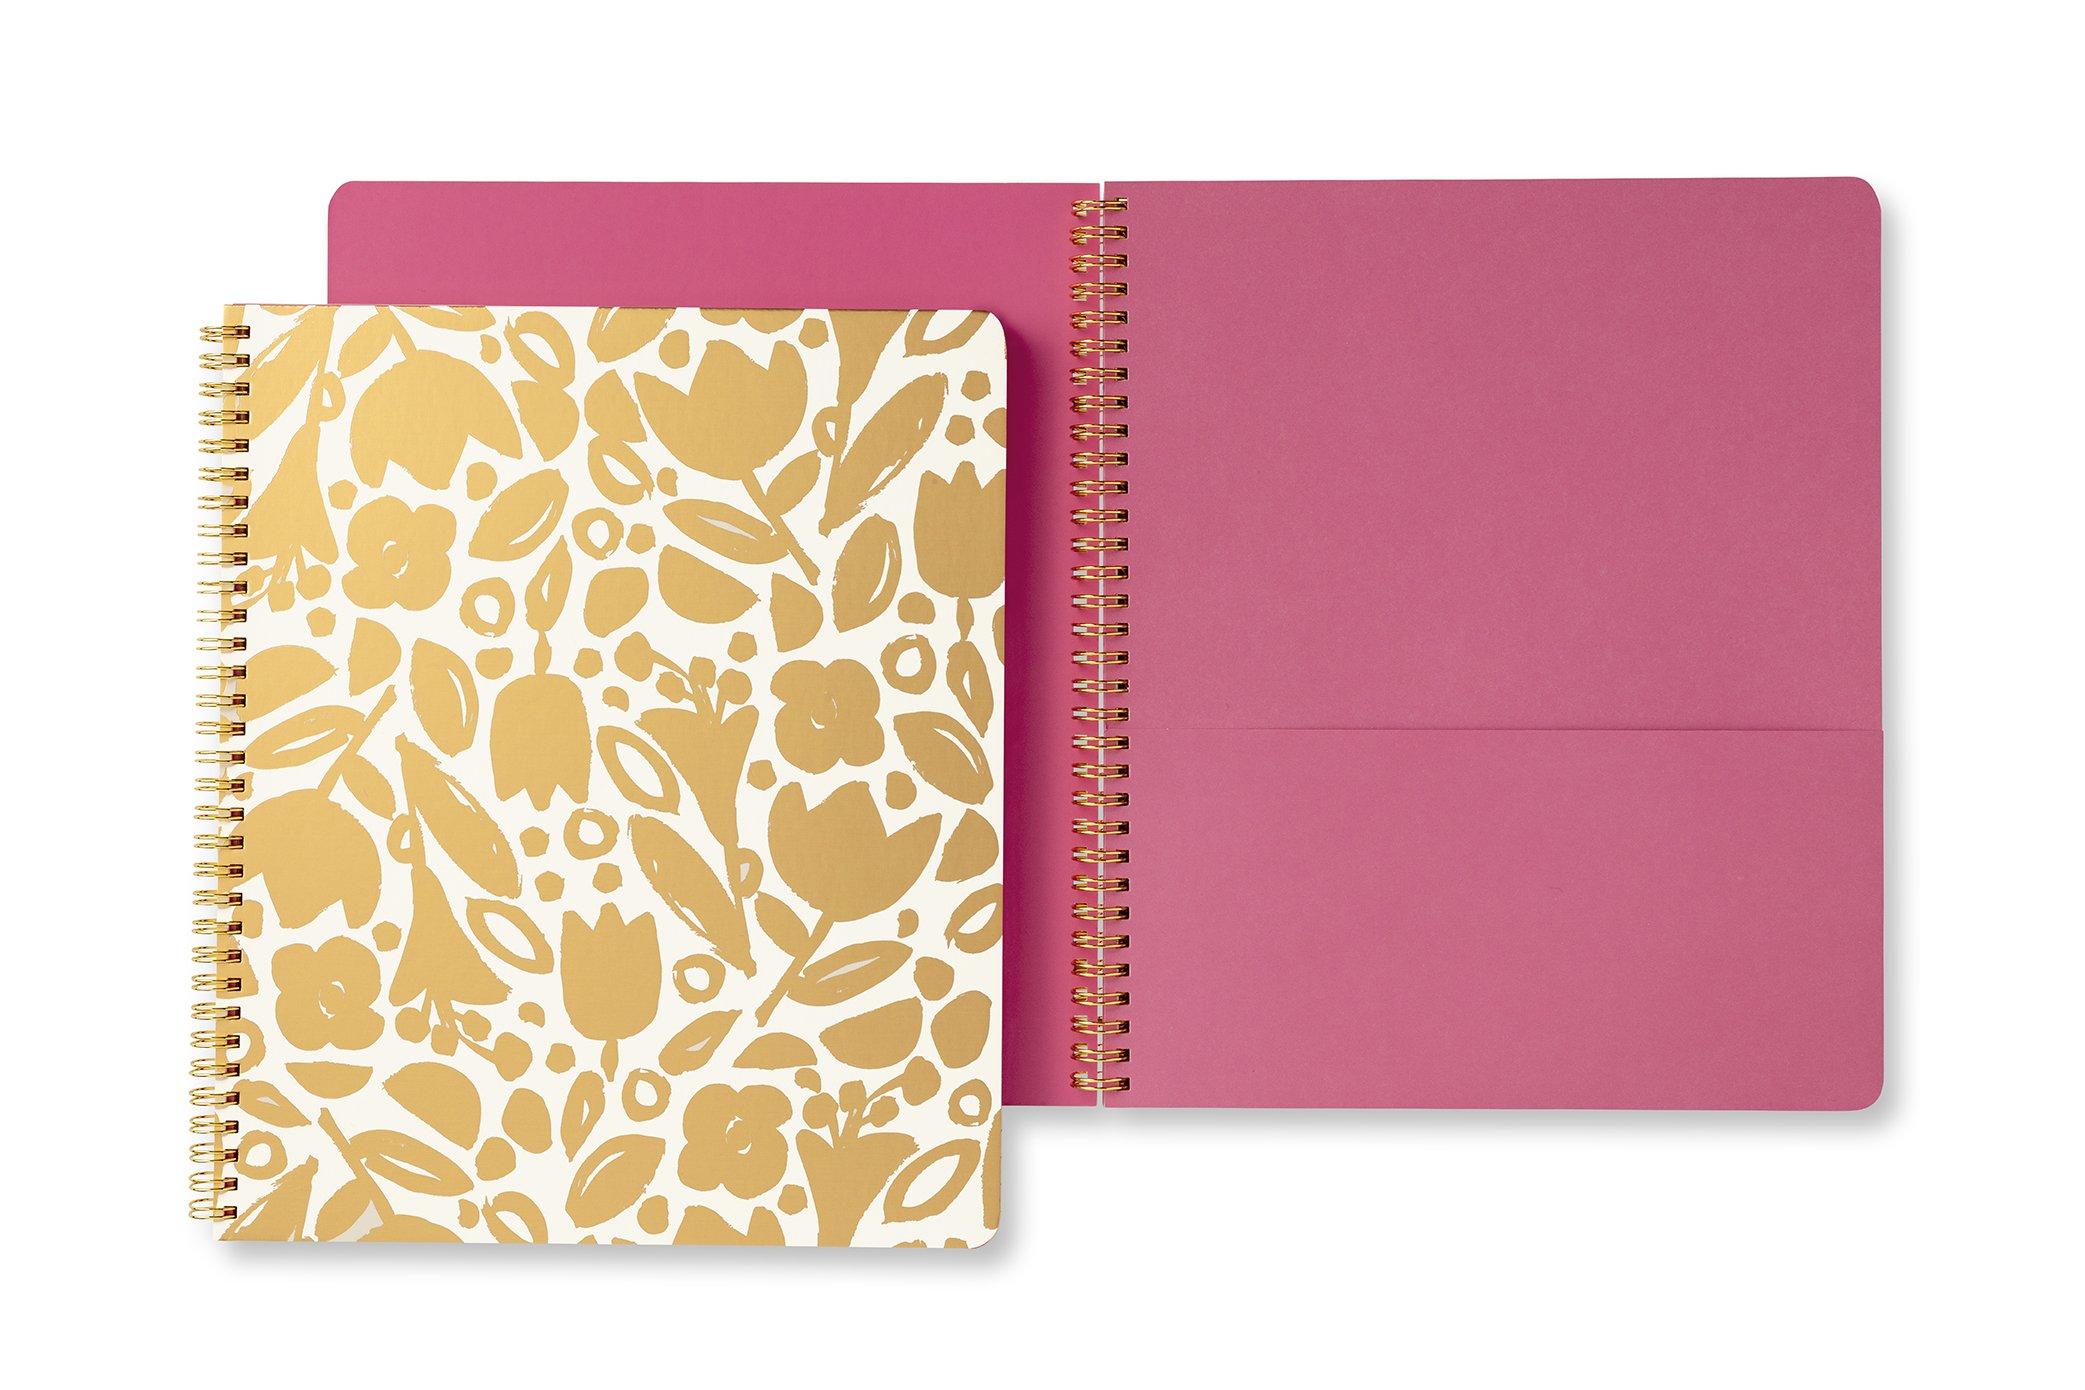 Kate Spade New York Large Spiral Notebook (Golden Floral)